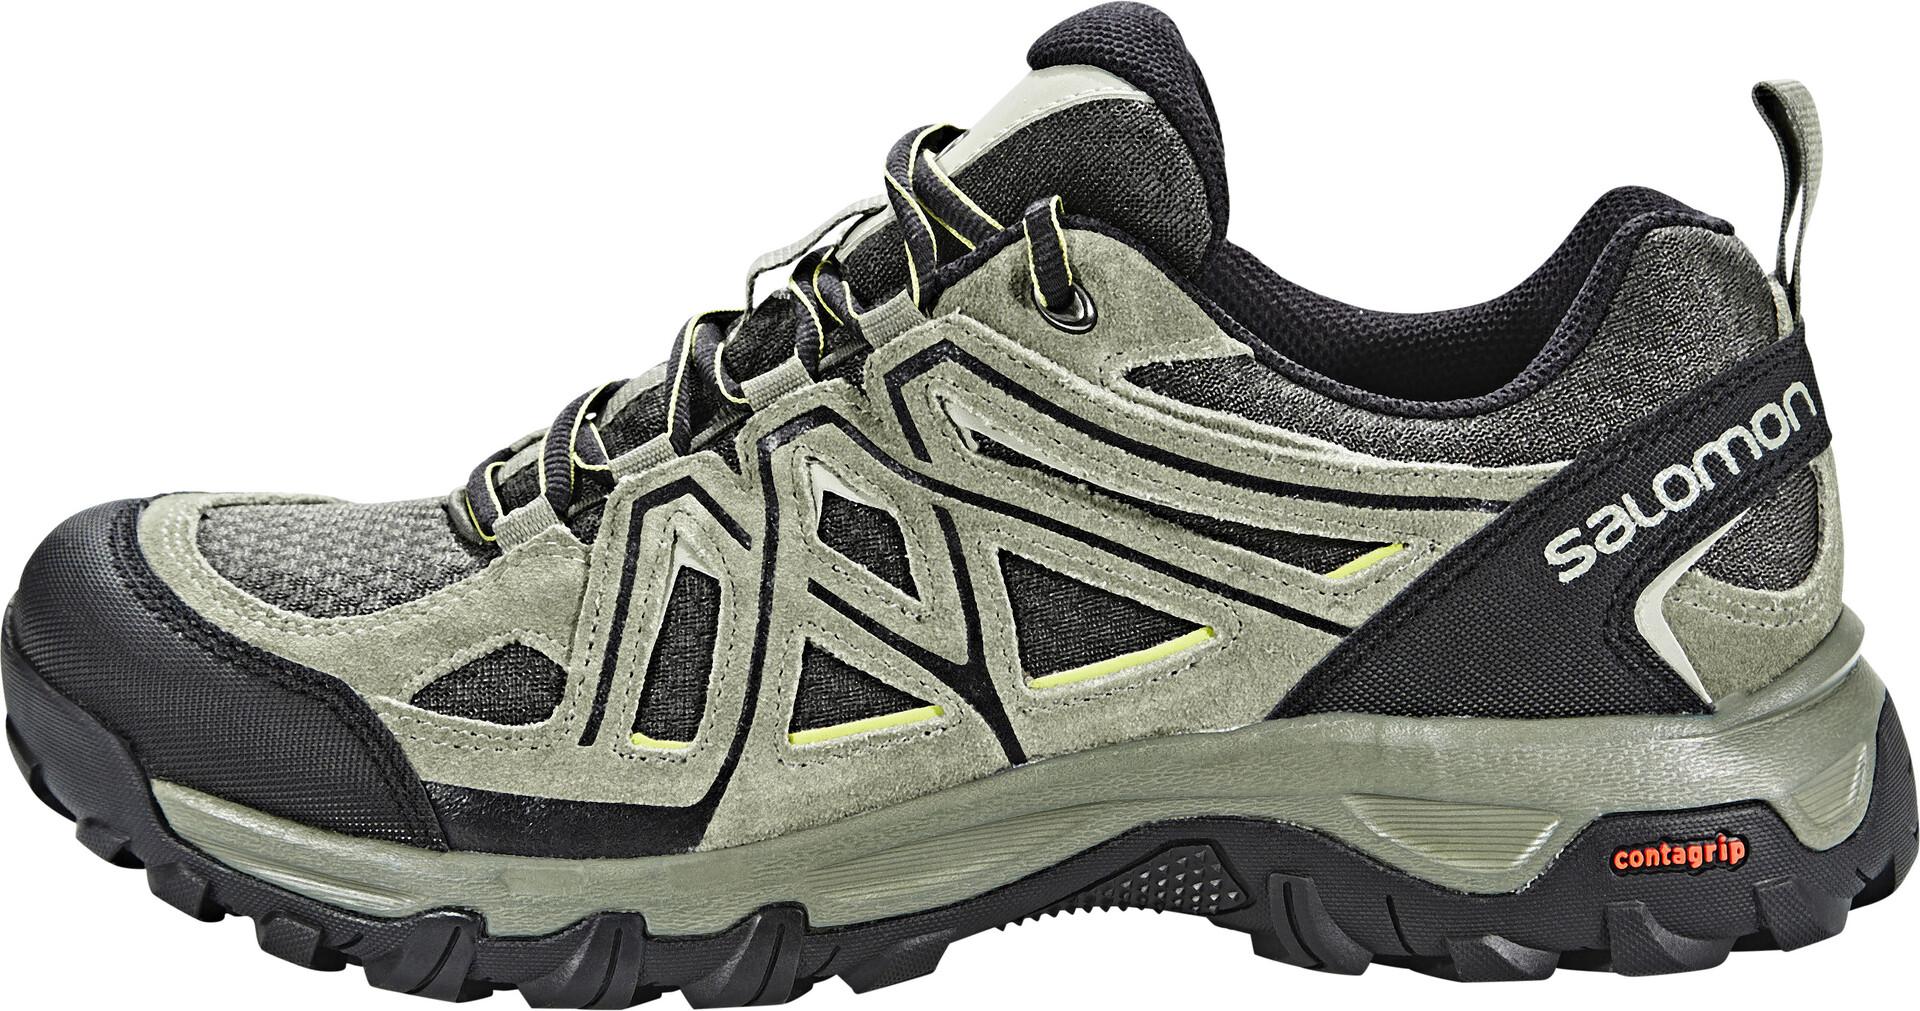 Salomon Evasion 2 Aero Chaussures de randonnée Homme, castor graybelugafern